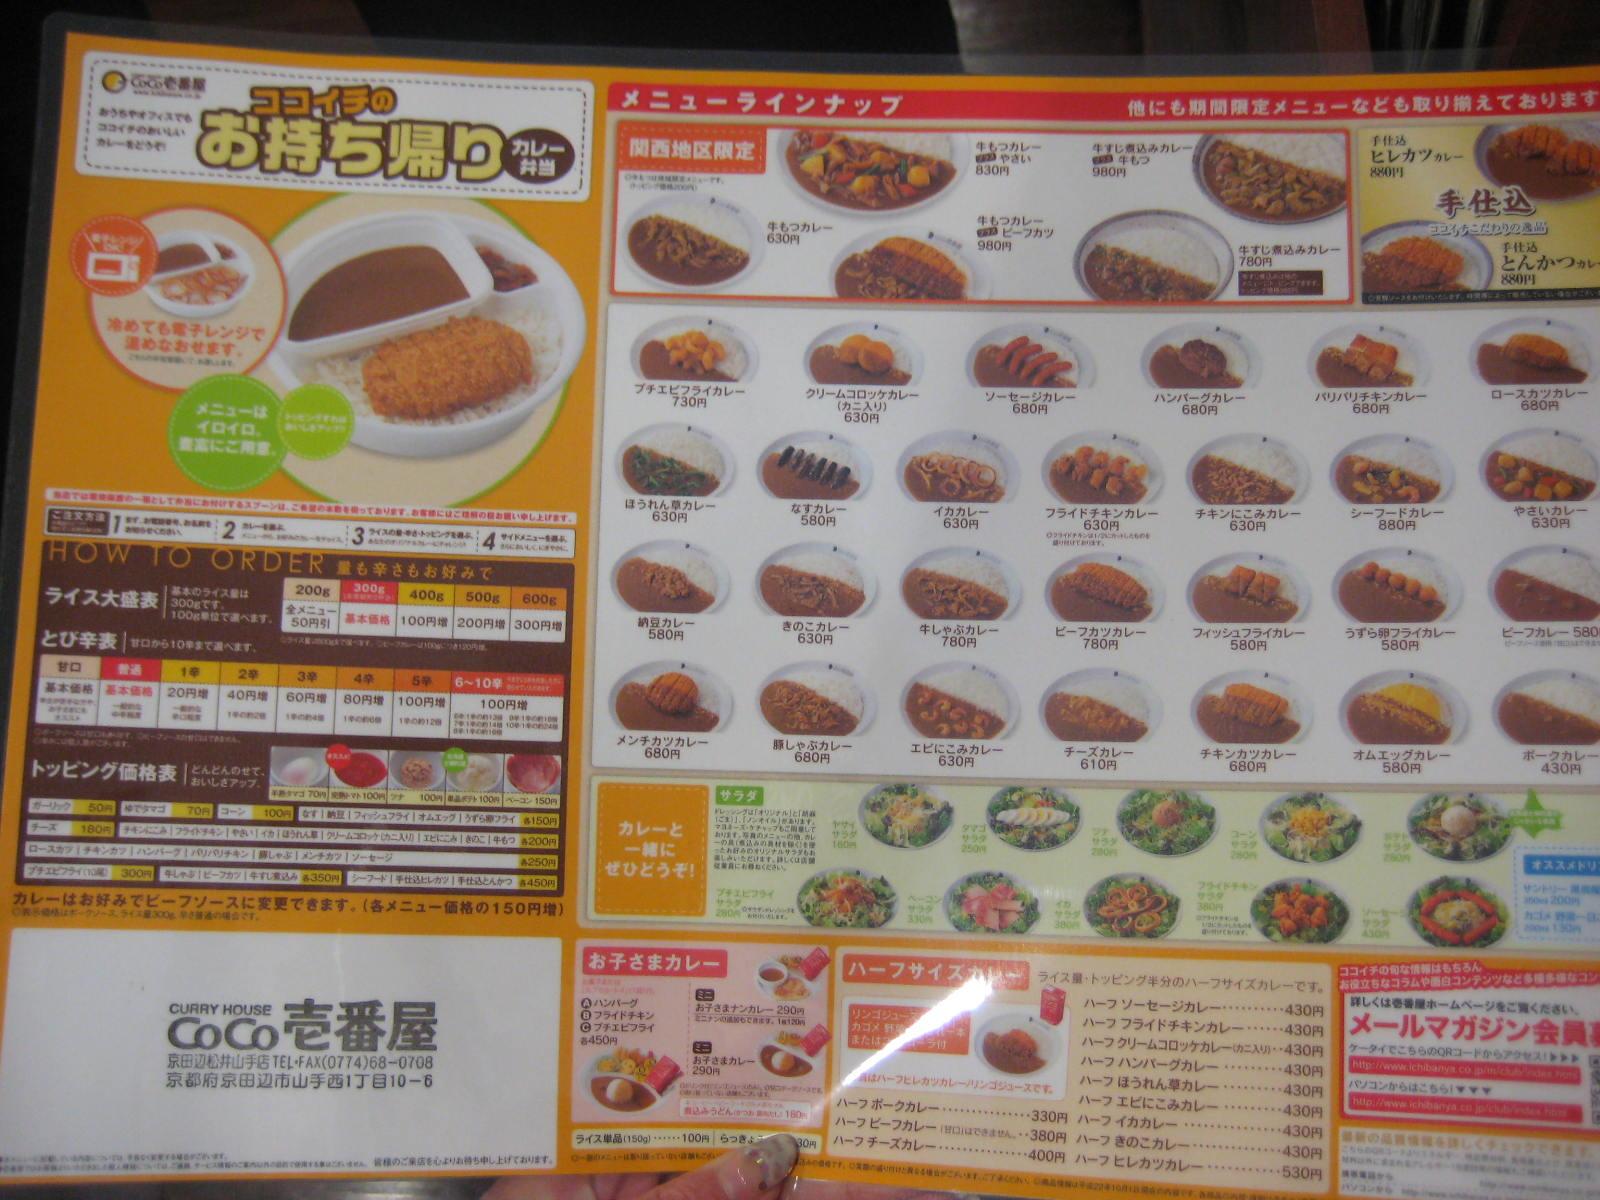 CoCo壱番屋 京田辺松井山手店